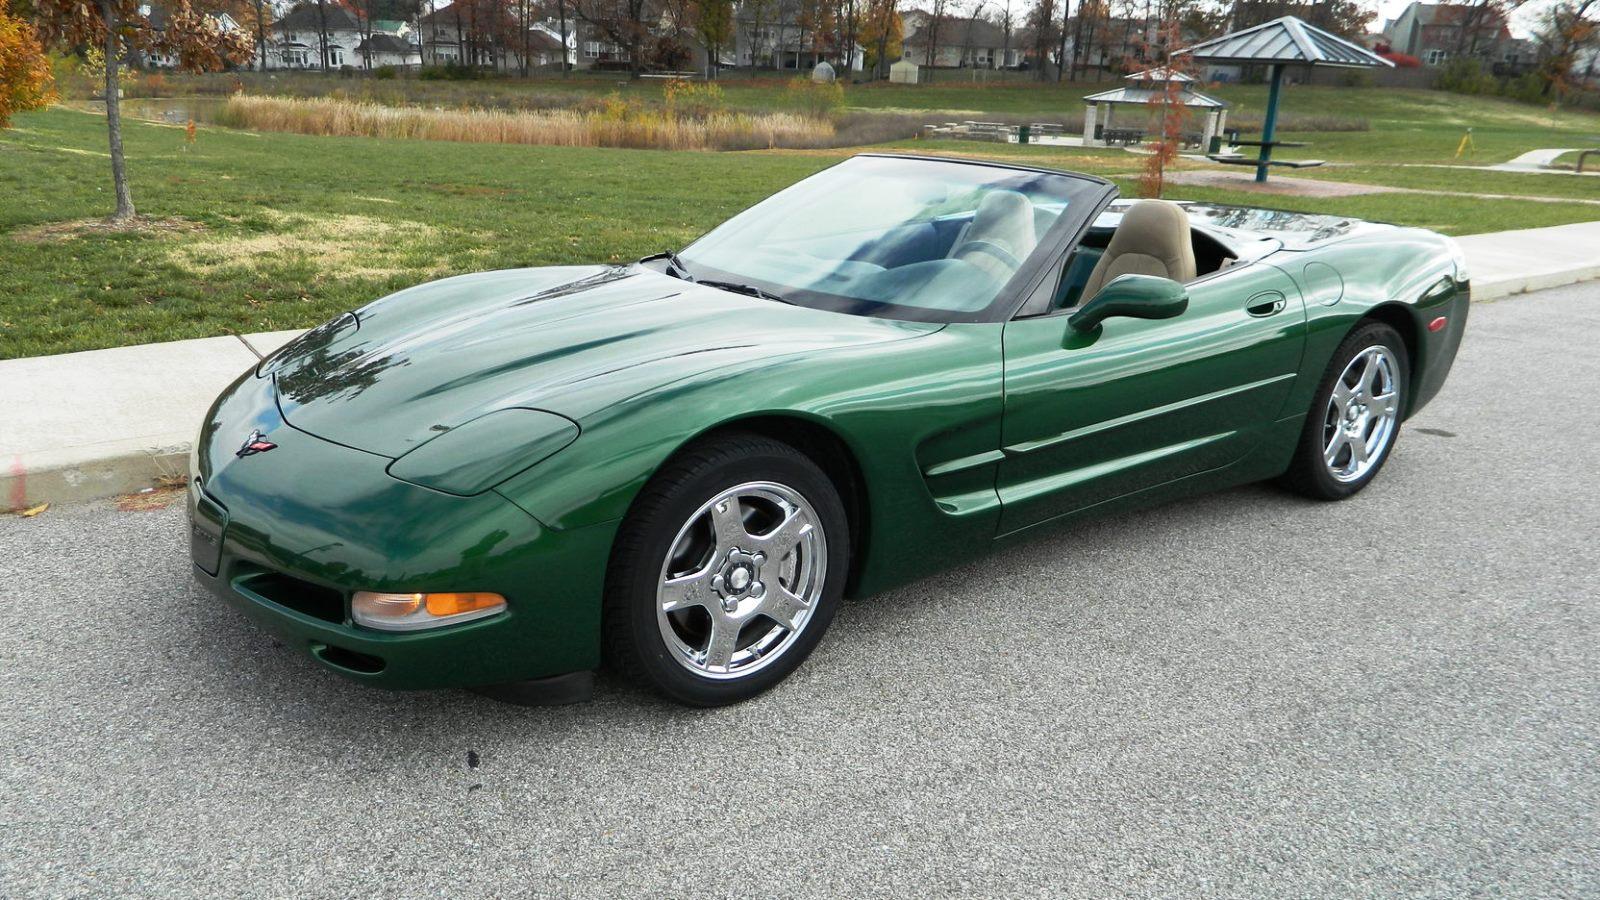 1997-98 Corvette in Fairway Green